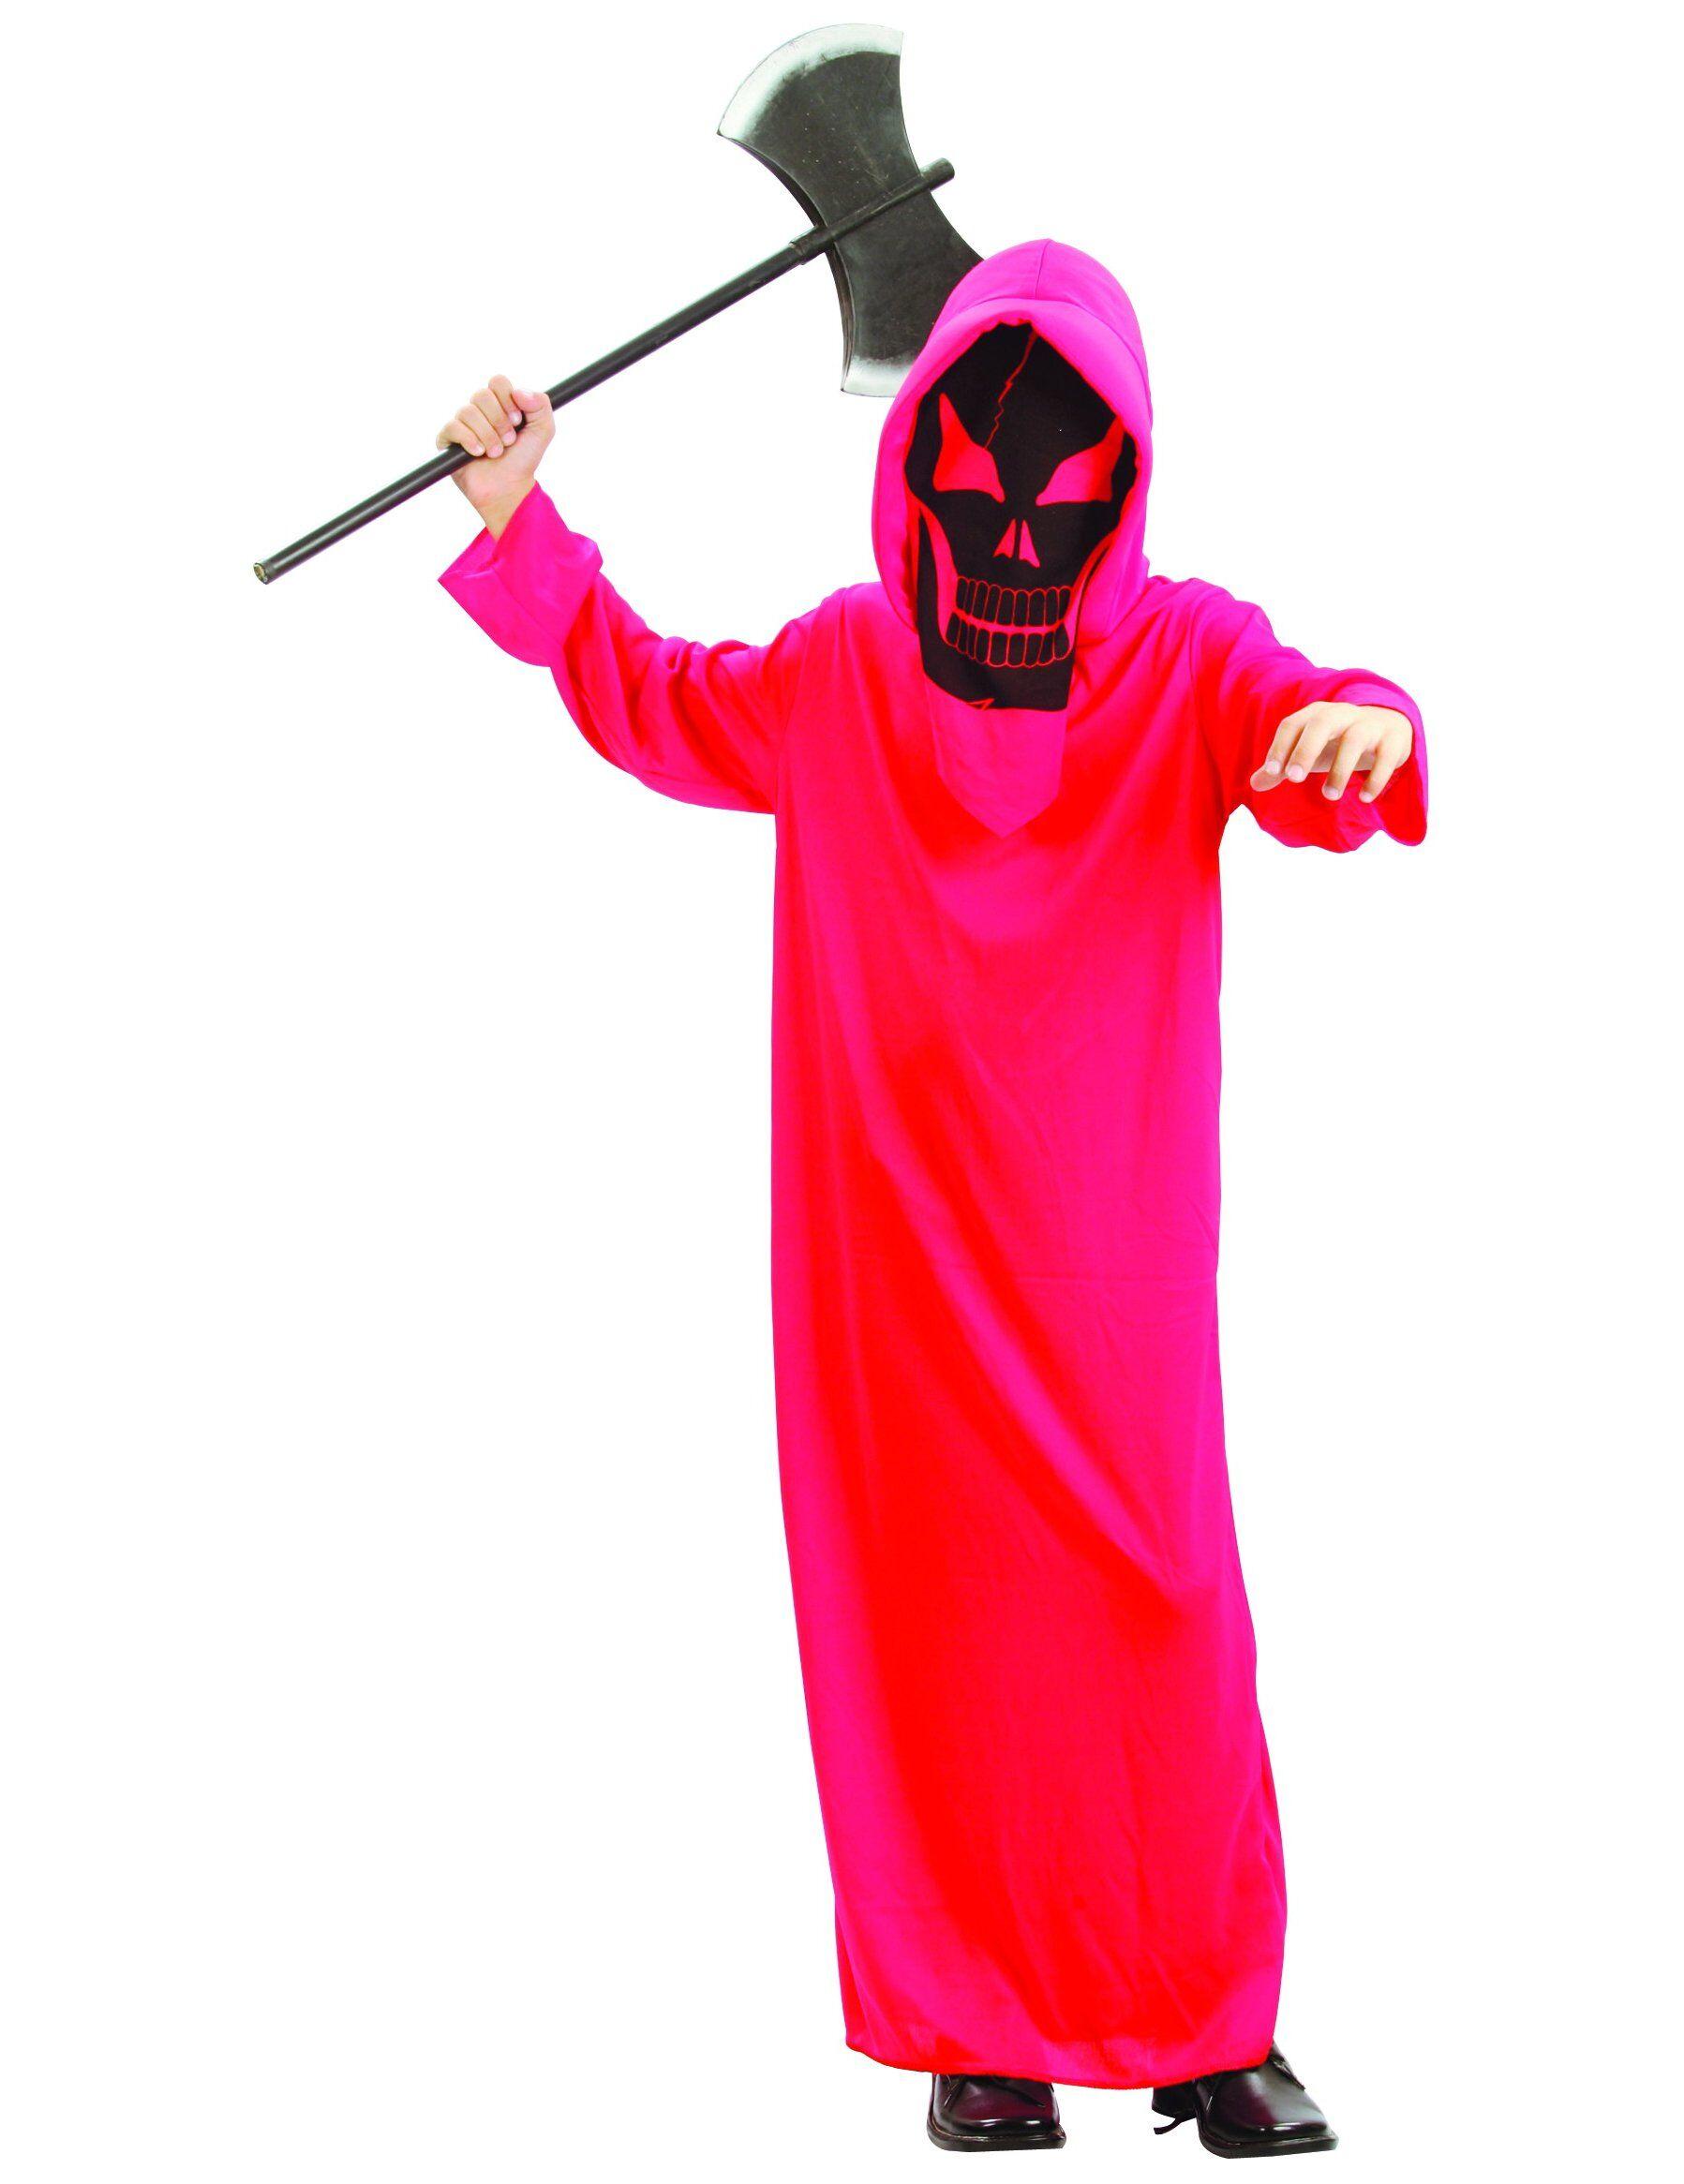 Deguisetoi Déguisement diable Lucifer garçon - Taille: S 4-6 ans (110-120 cm)